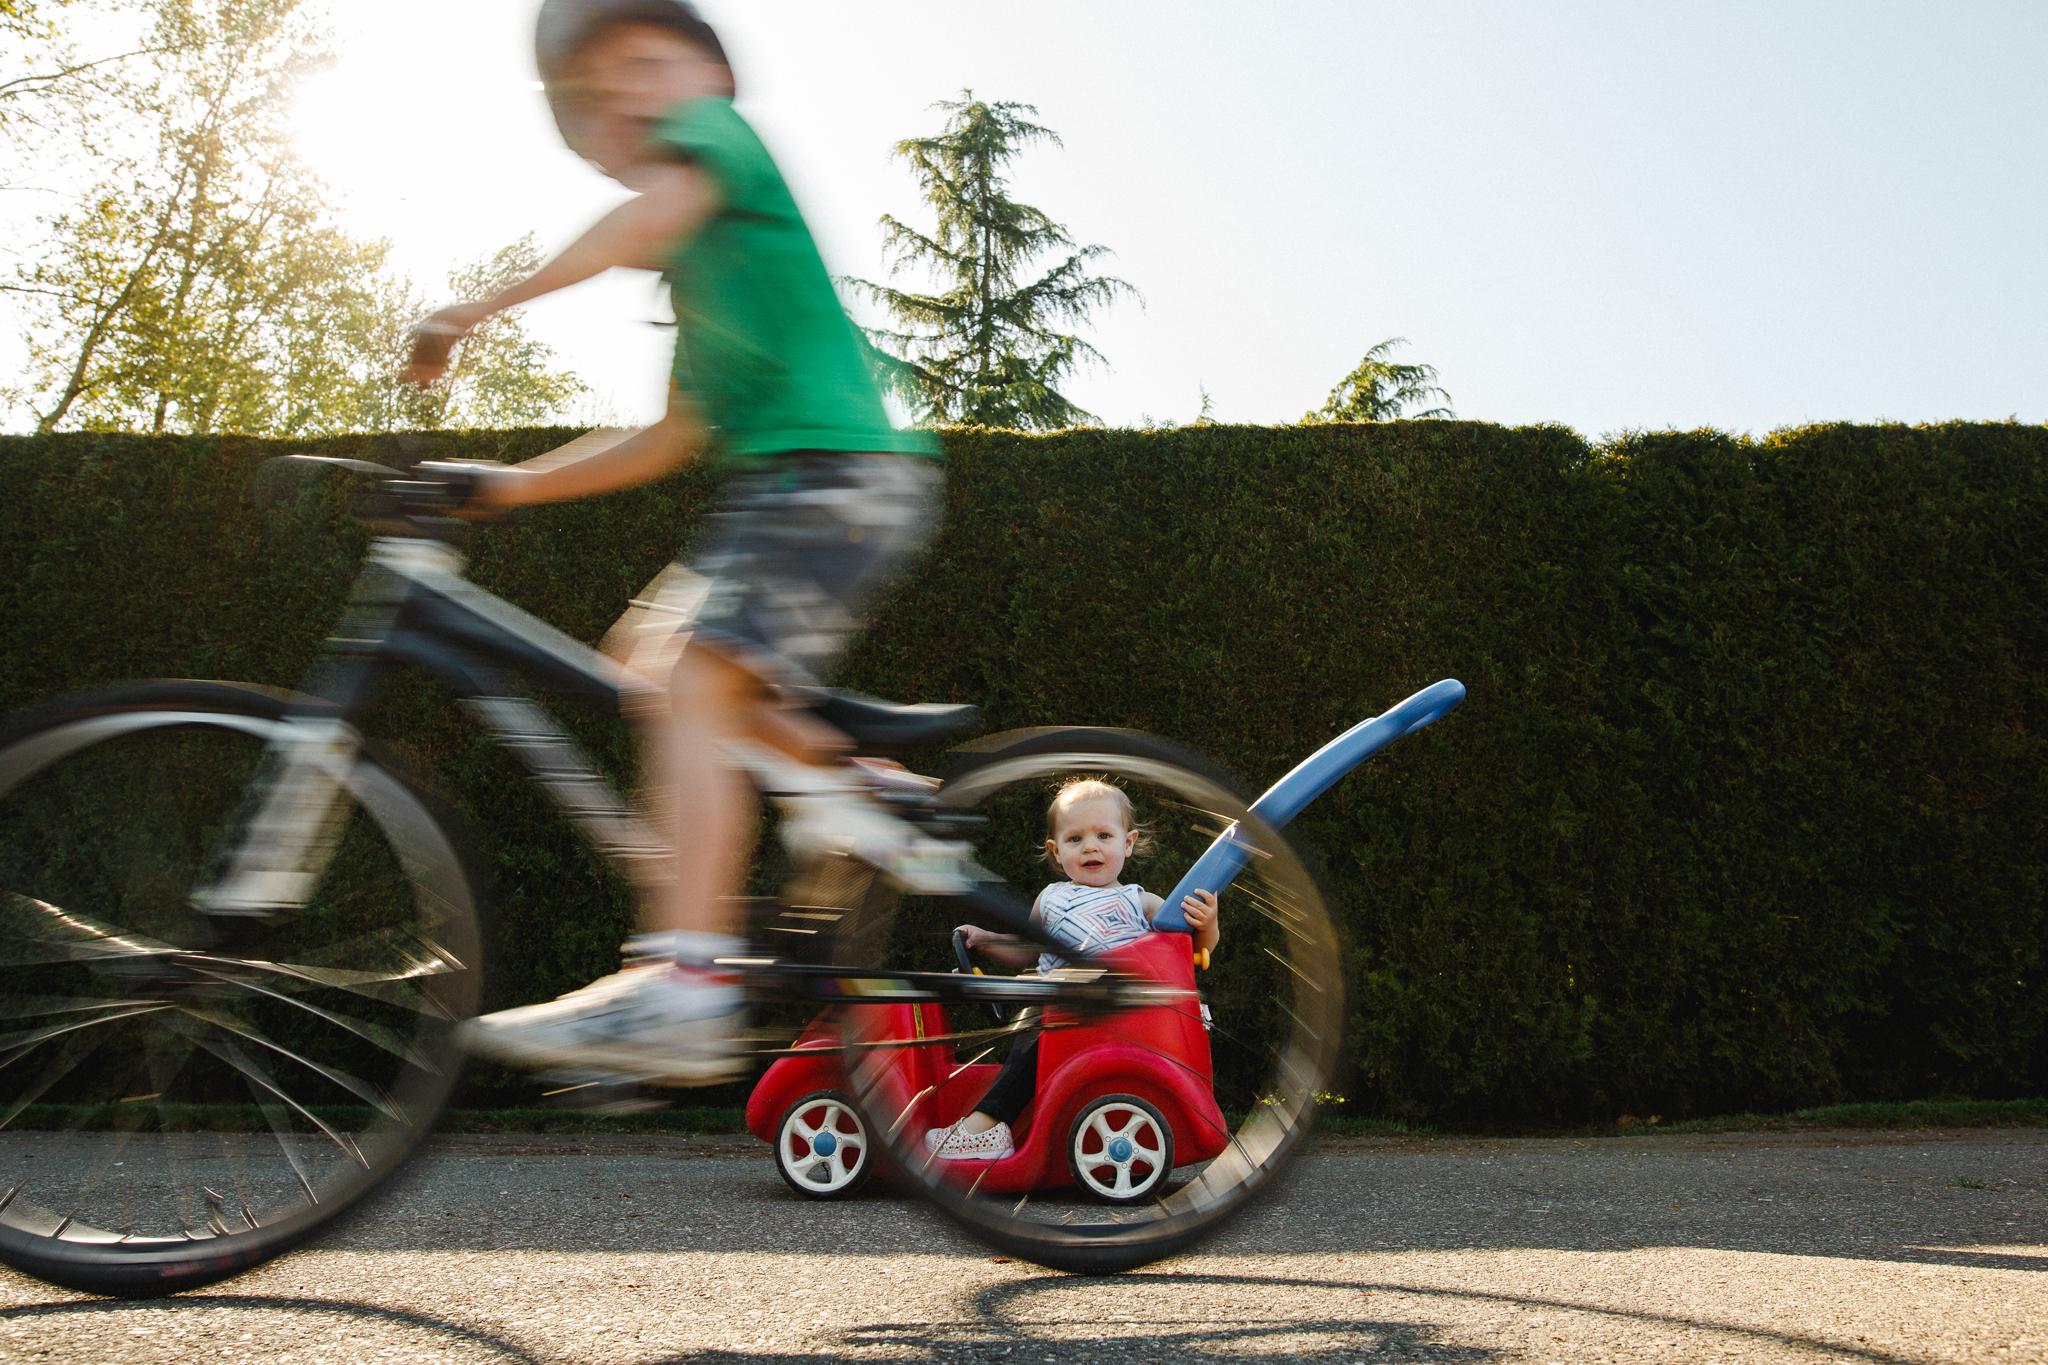 Pepper in push car atti blurry on bike-1.jpg